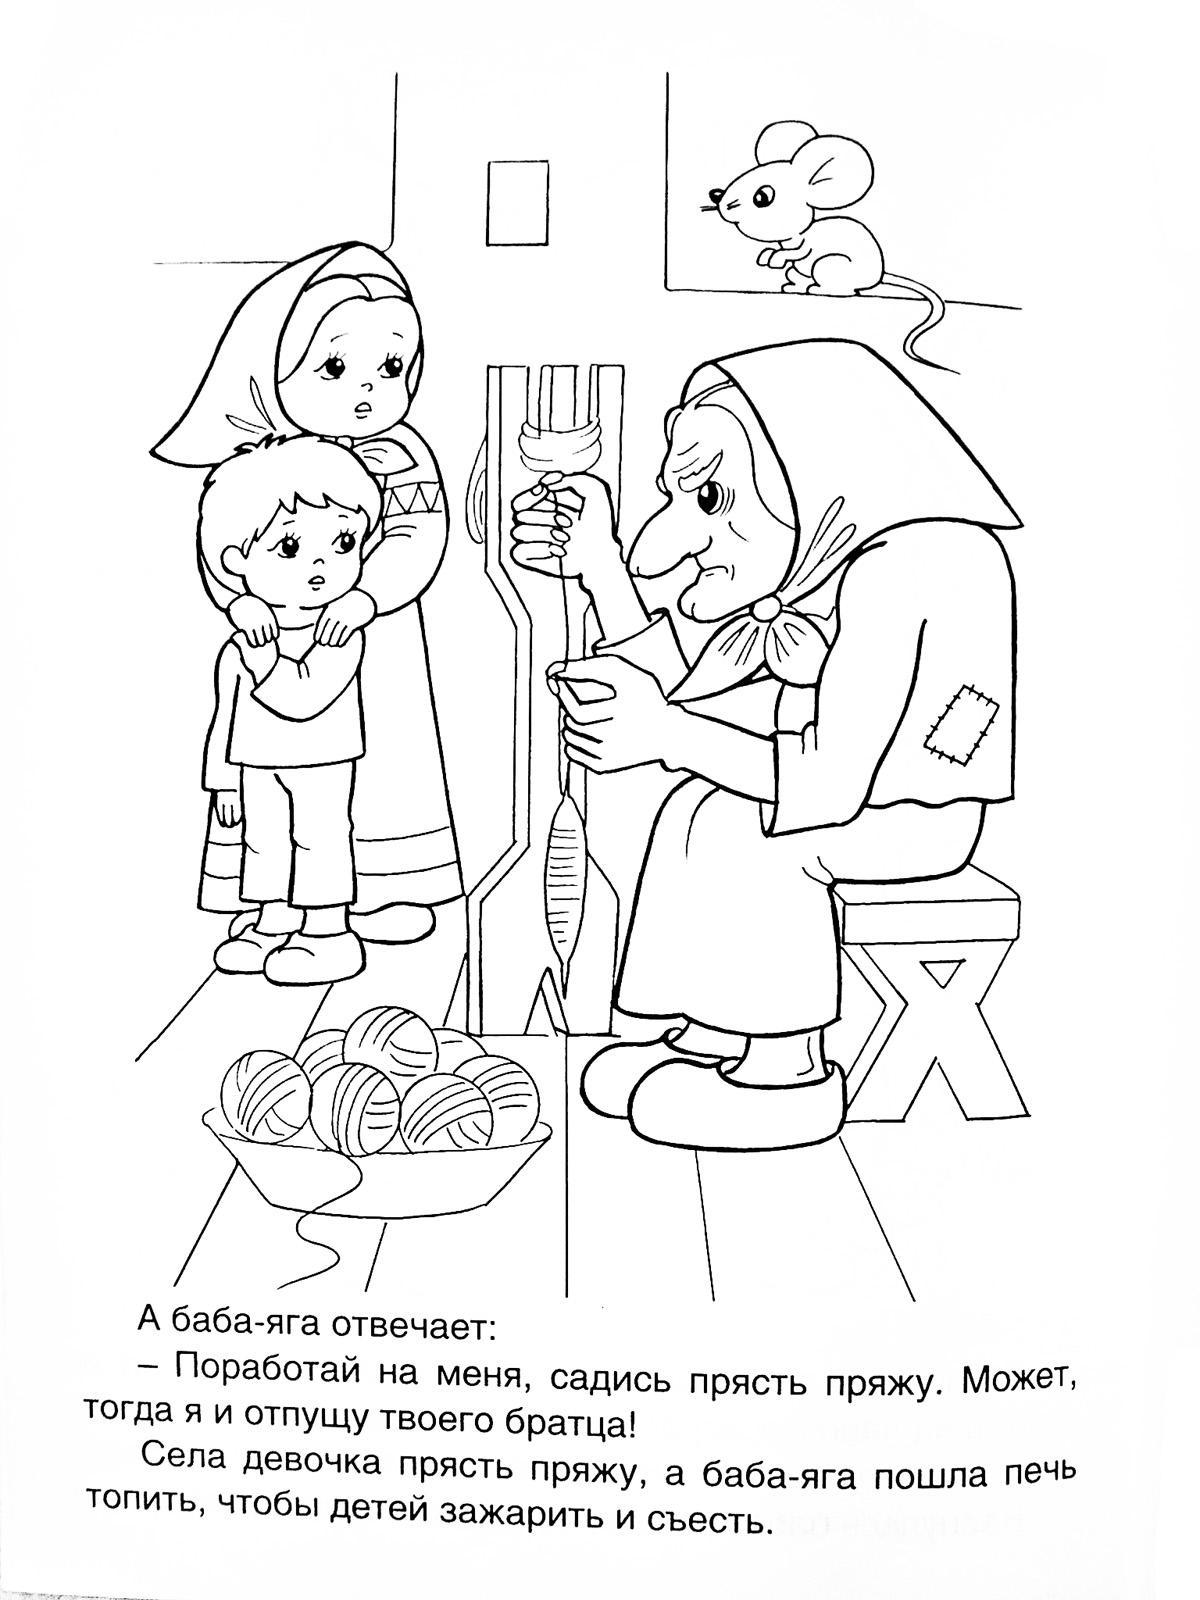 Раскраски раскраски к сказке гуси лебеди брат с сестрой и баба яга, гуси-лебеди сказка раскраска